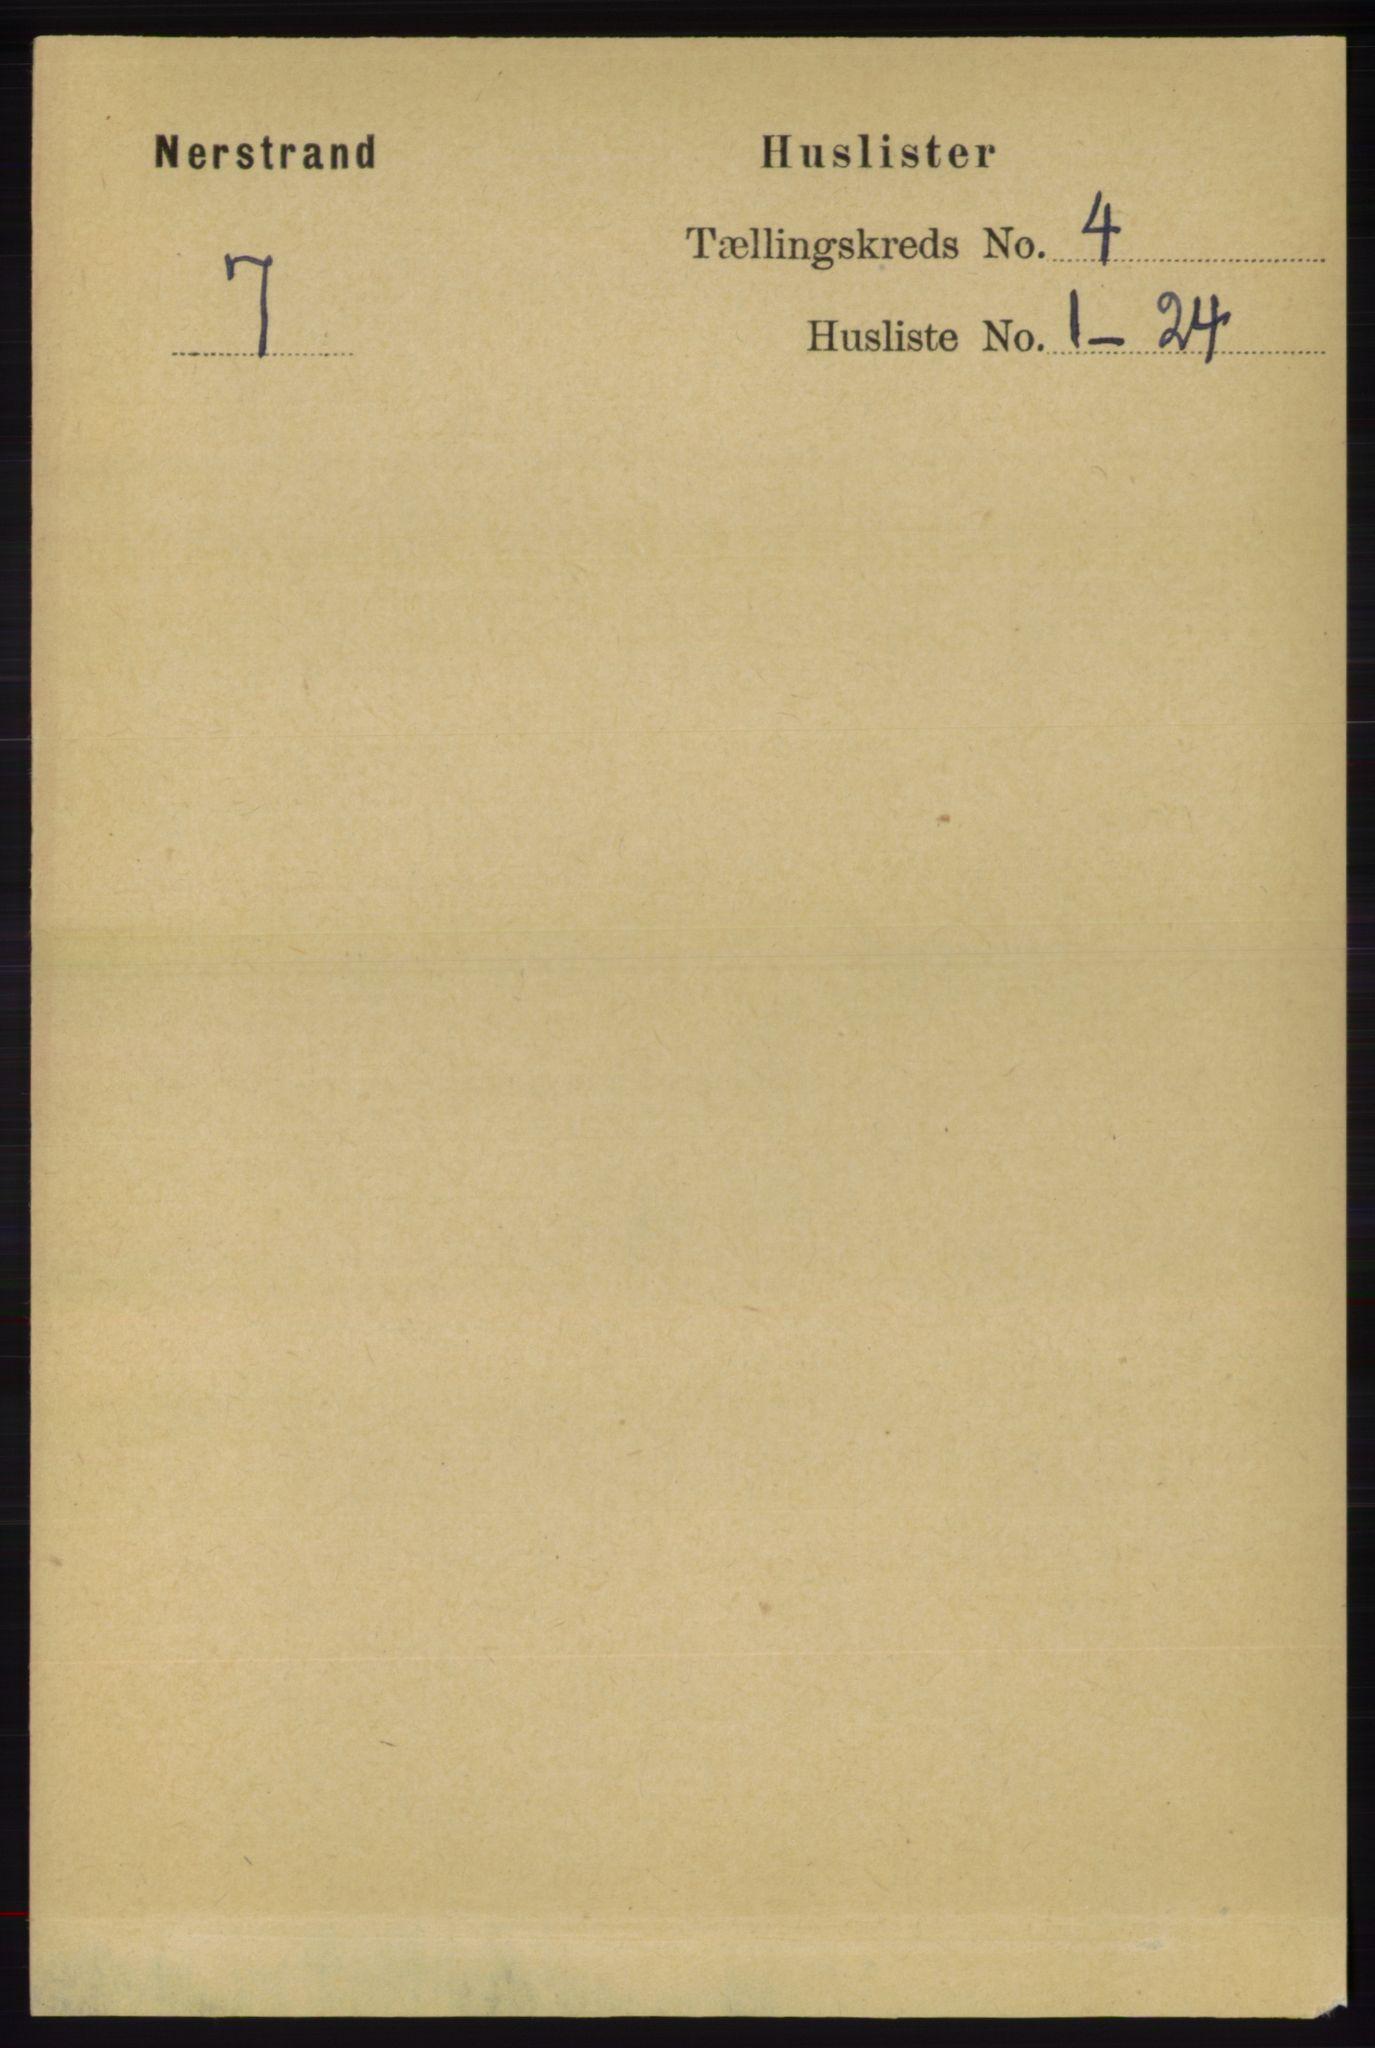 RA, Folketelling 1891 for 1139 Nedstrand herred, 1891, s. 621